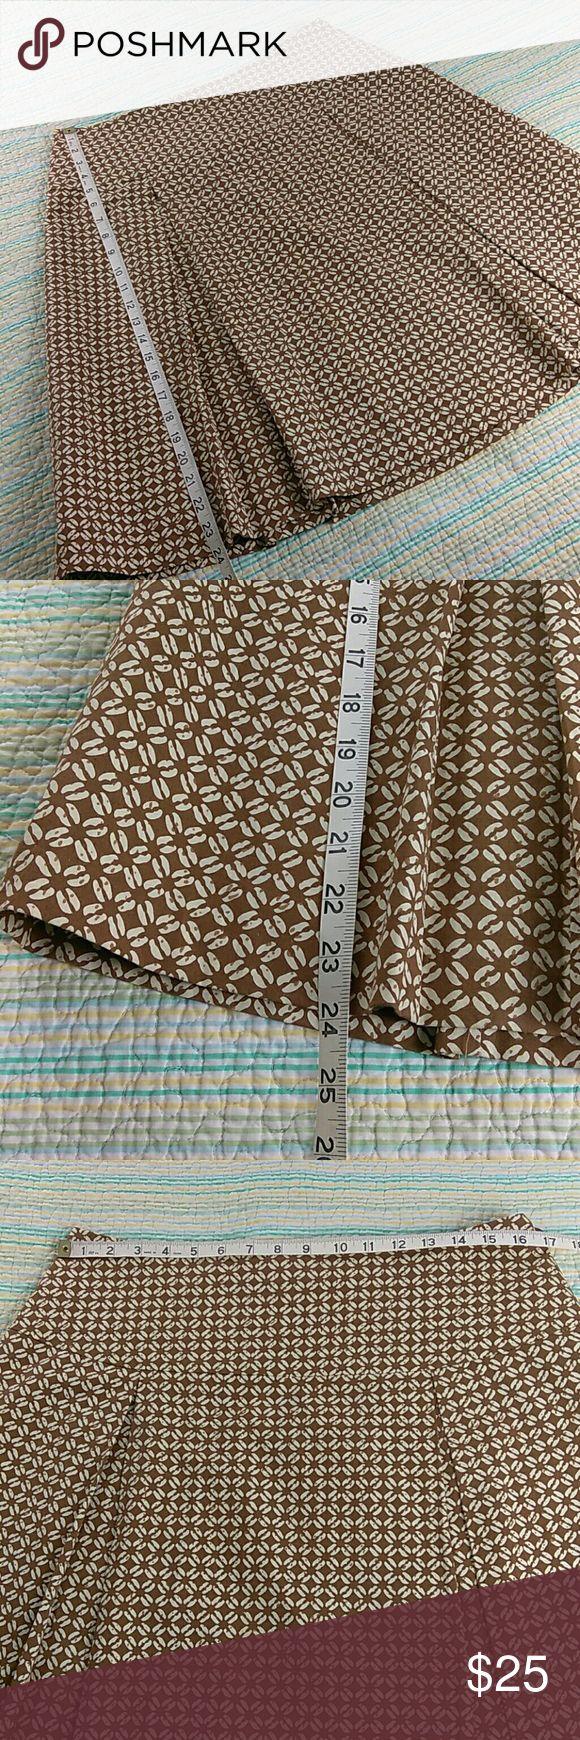 J Mclaughlin Brown Ivory Full A-Line Skirt Sz 12 J Mclaughlin Tan Brown Ivory Pleated Drop Waist Knee Length Full A-line Cotton Skirt Size 12 J. McLaughlin Skirts A-Line or Full